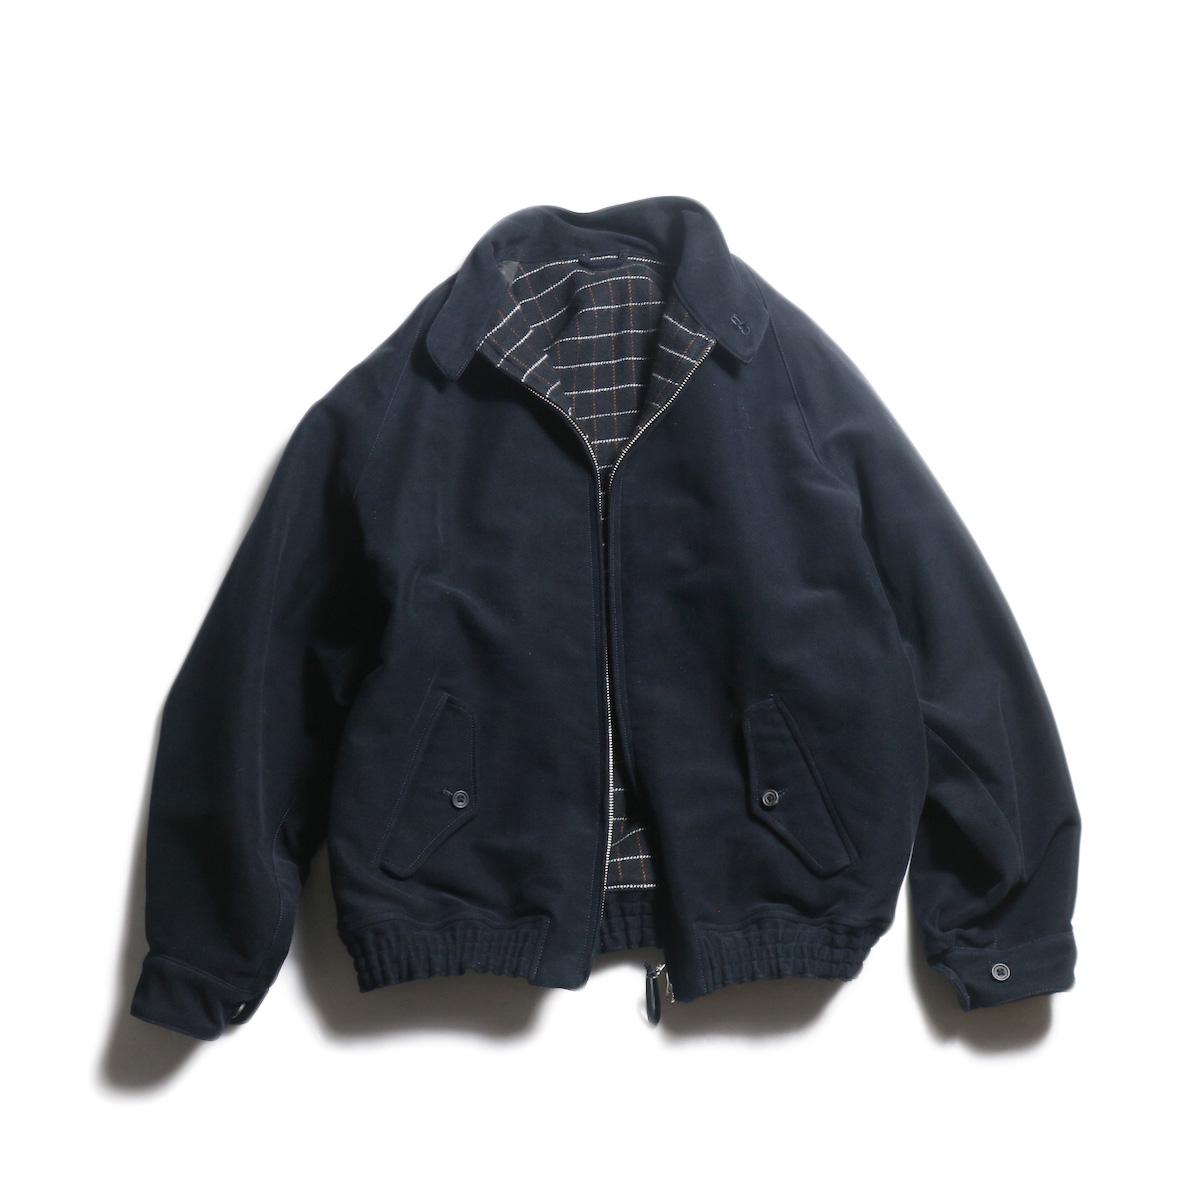 Kaptain Sunshine / Stand Collar Blouson (Dark Navy)